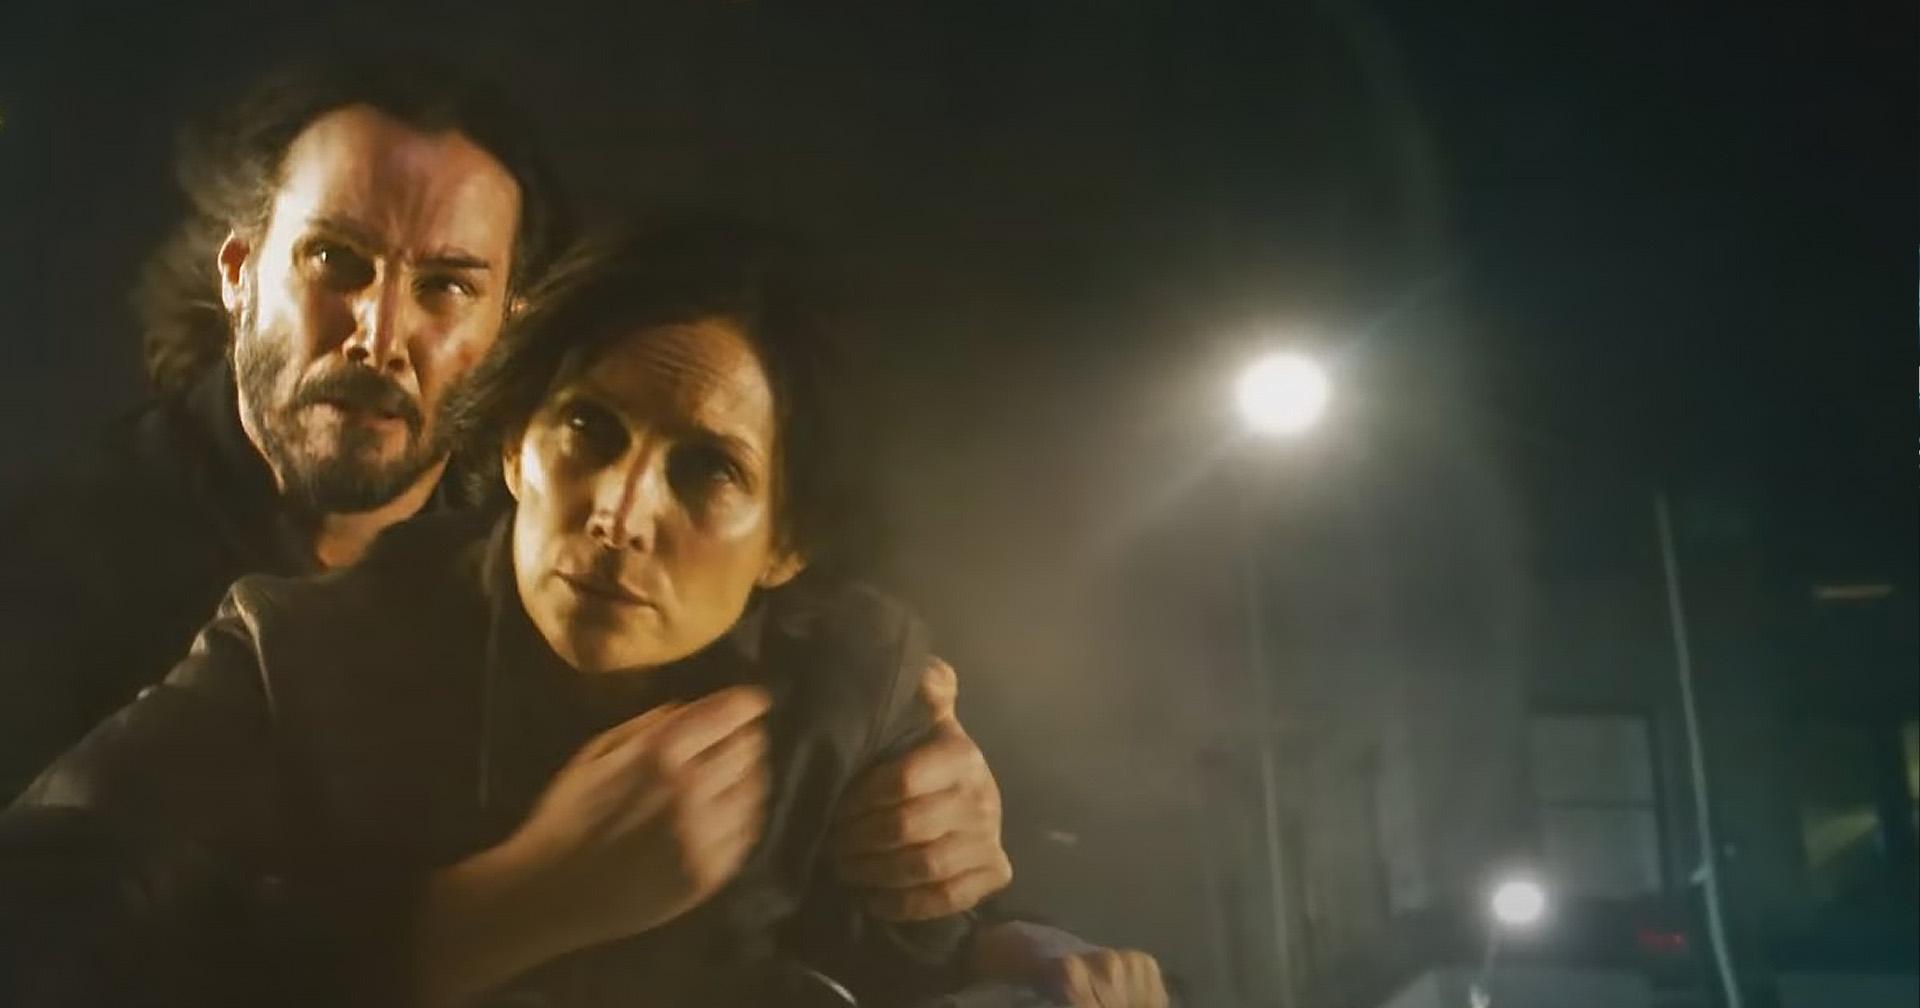 Matrix 4 | Teaser confirma data de estreia e revela diálogo intrigante; assista